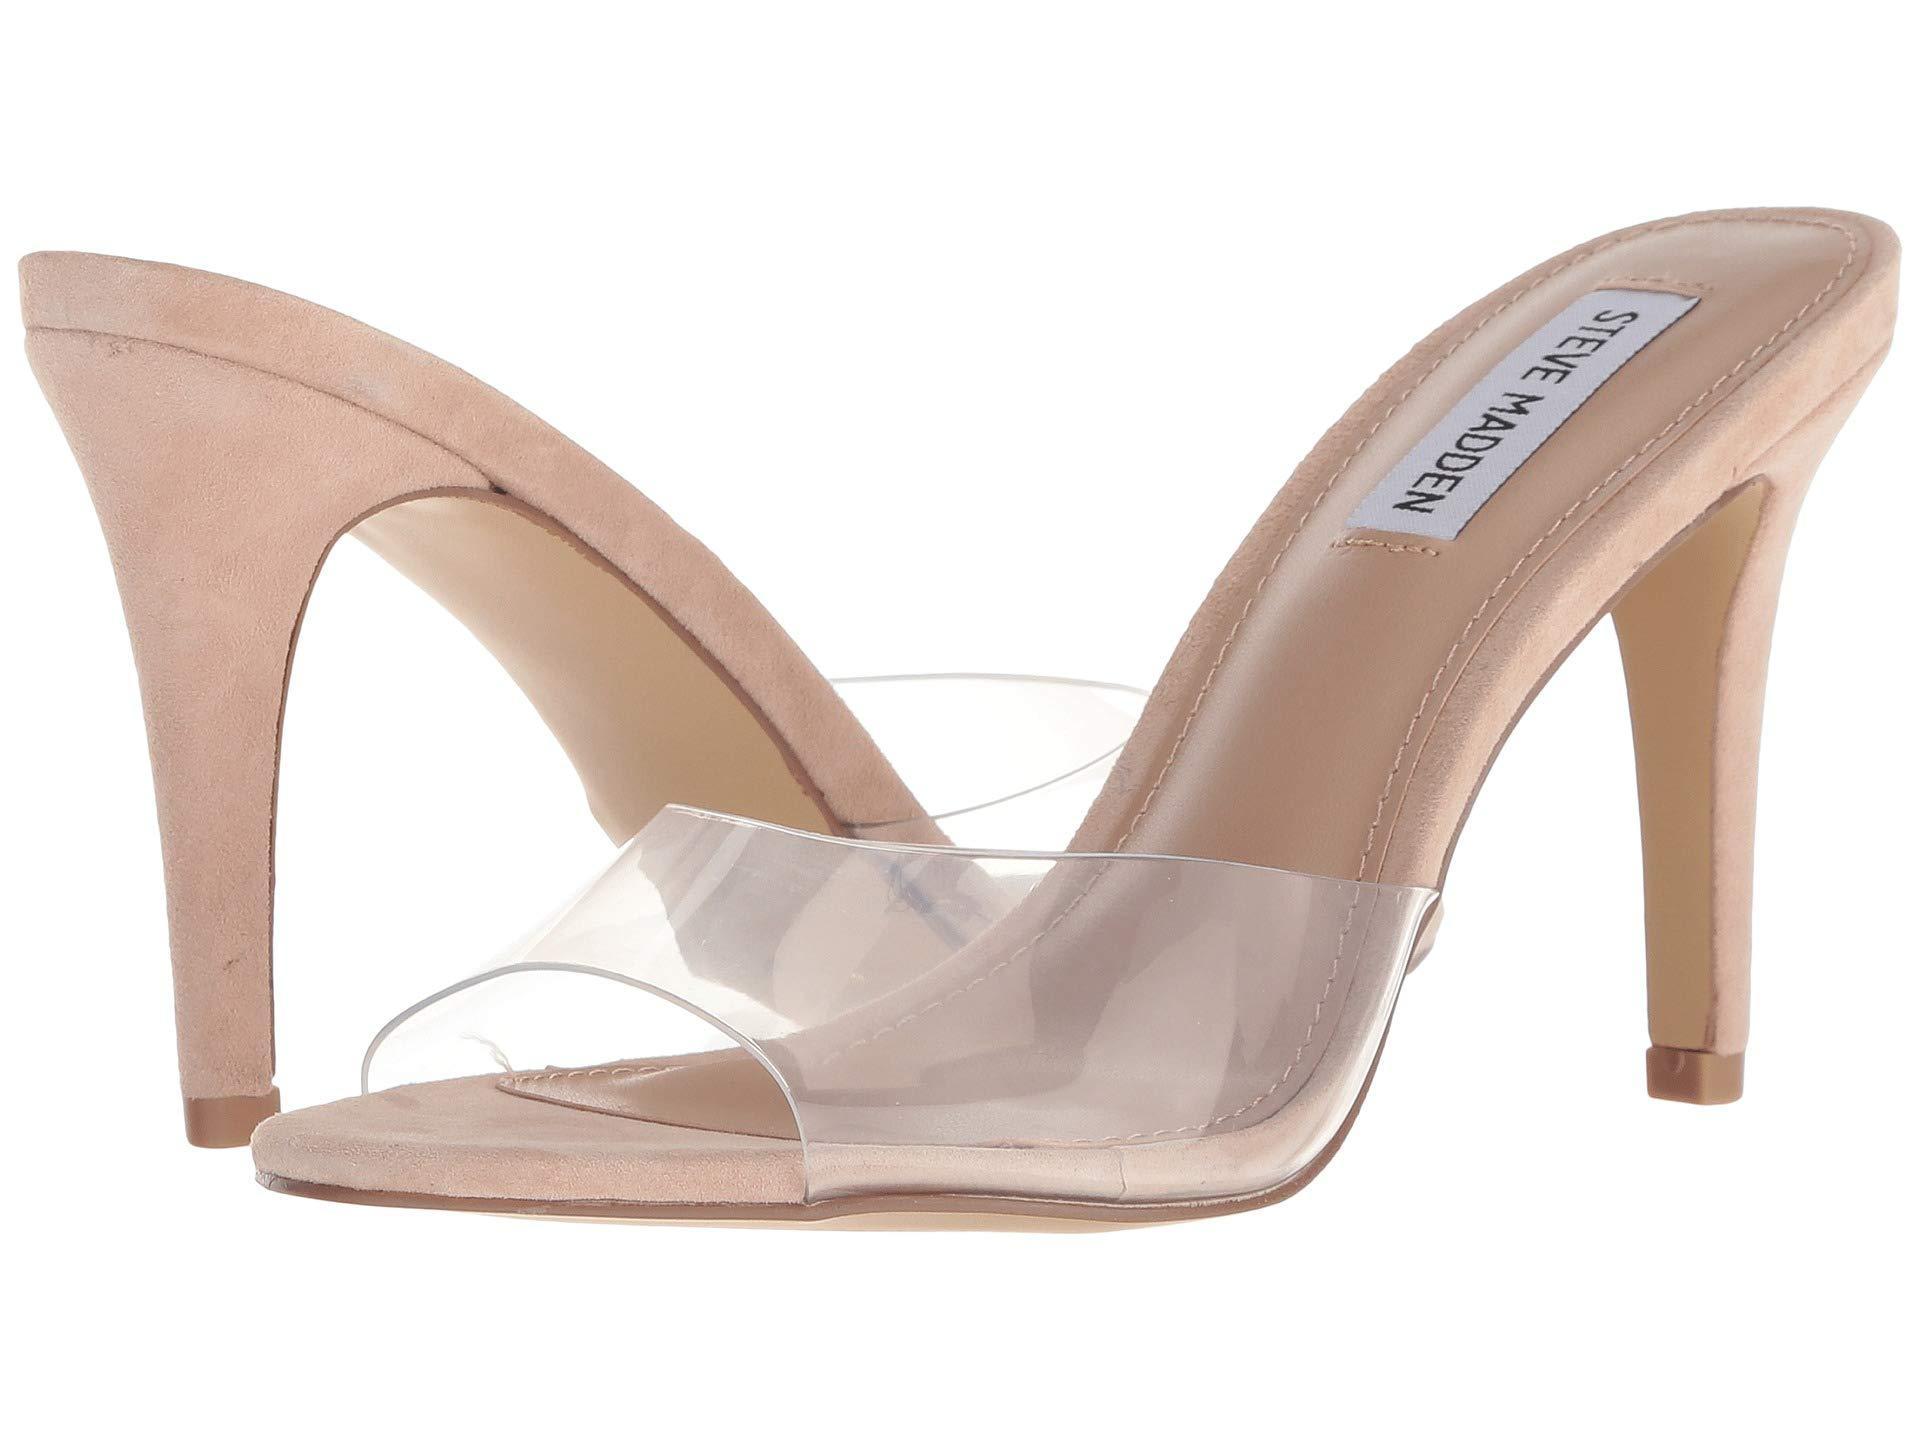 bc93a3b0e3f Steve Madden - Natural Erin Heeled Mule (pink Neon) High Heels - Lyst. View  fullscreen